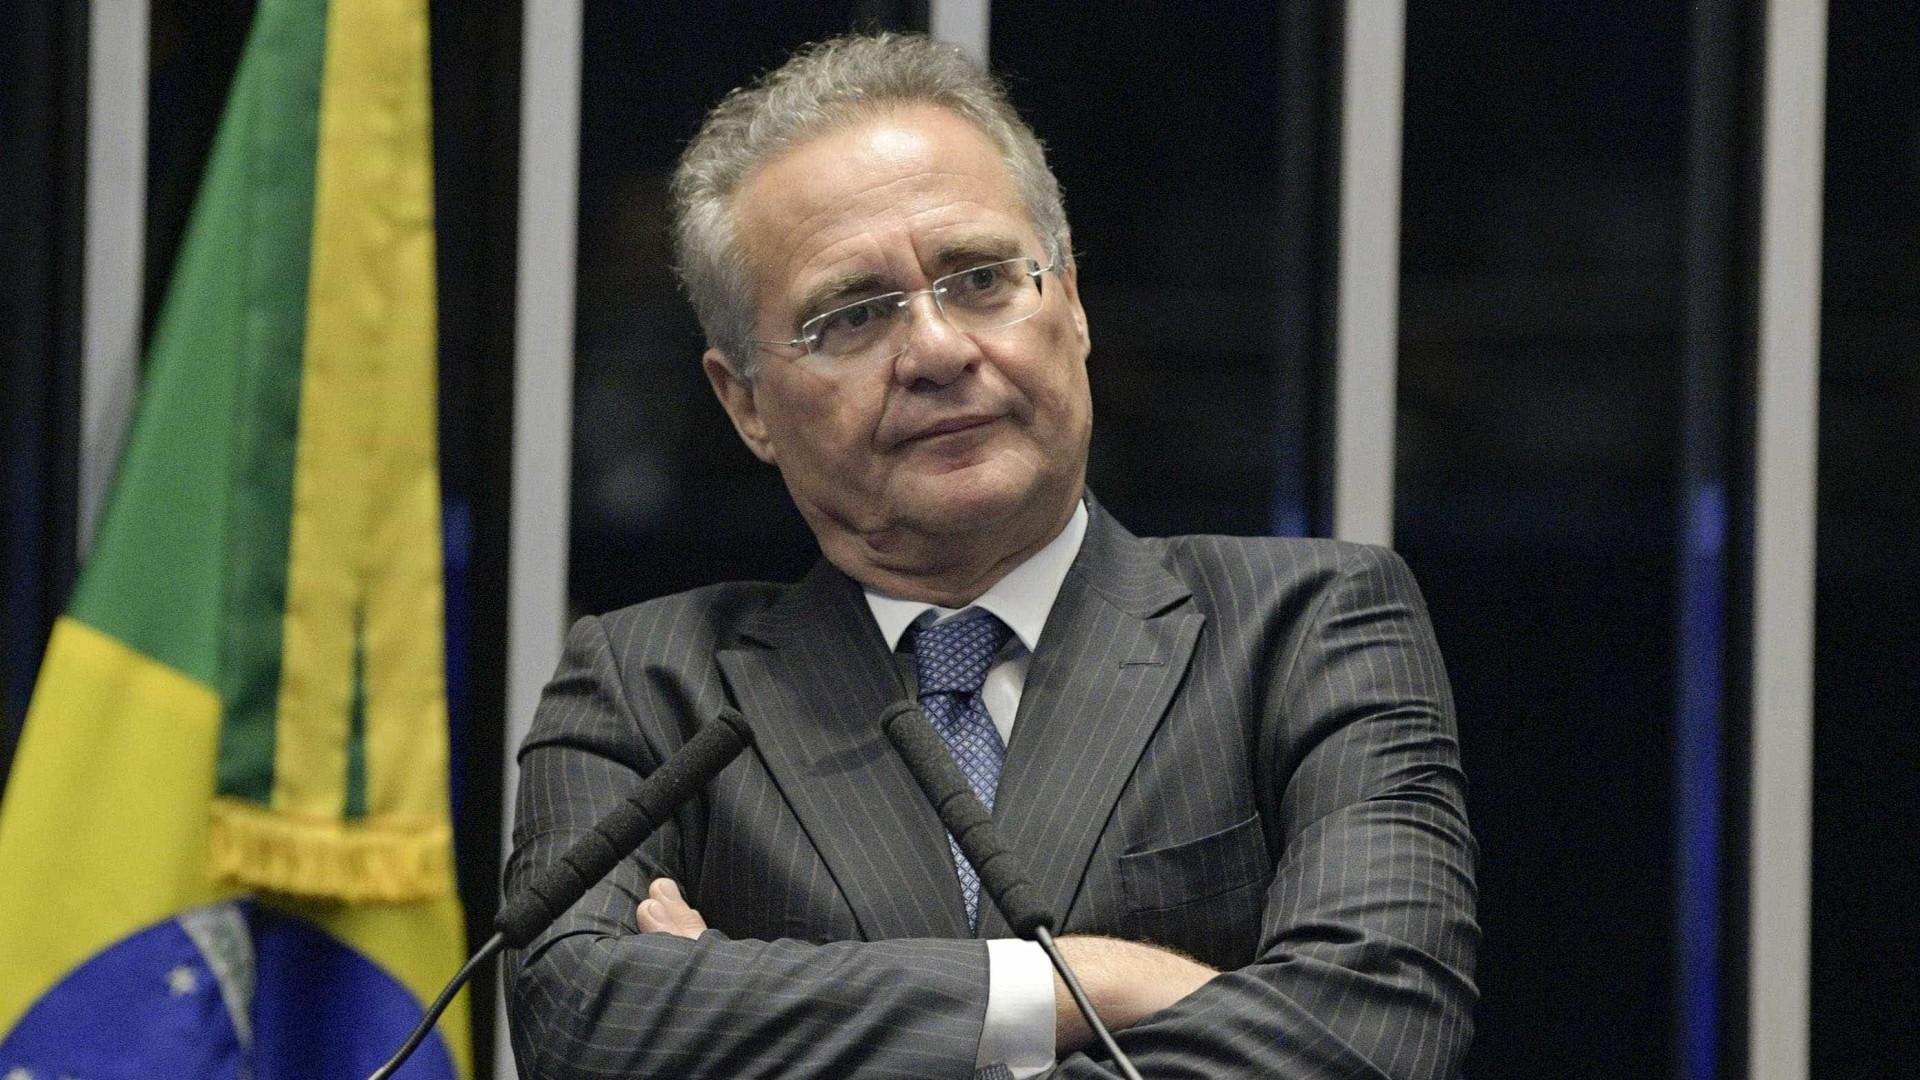 Renan Calheiros vira réu em processo no STF